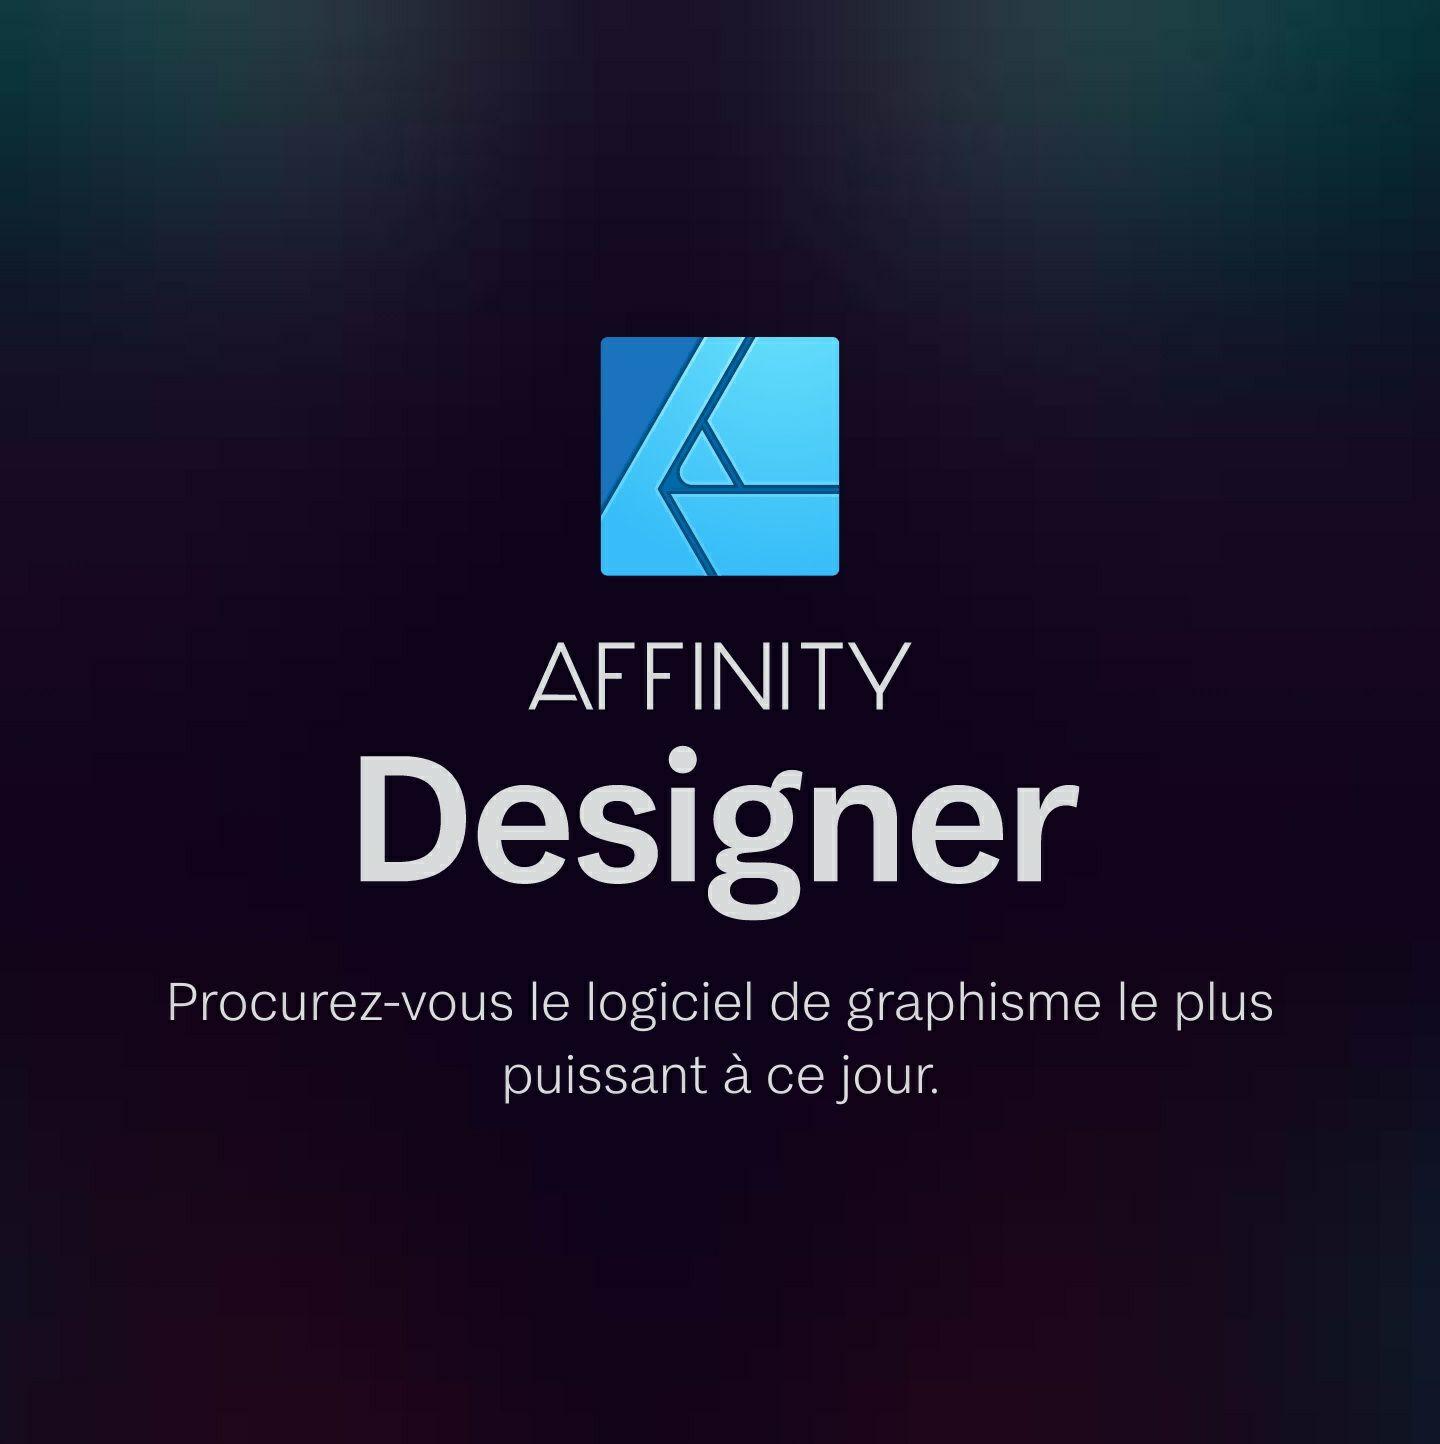 50% de réduction sur les logiciels Affinity - Ex : Affinity Designer, Photo ou Publisher sur PC et Mac (Dématérialisé - serif.com)